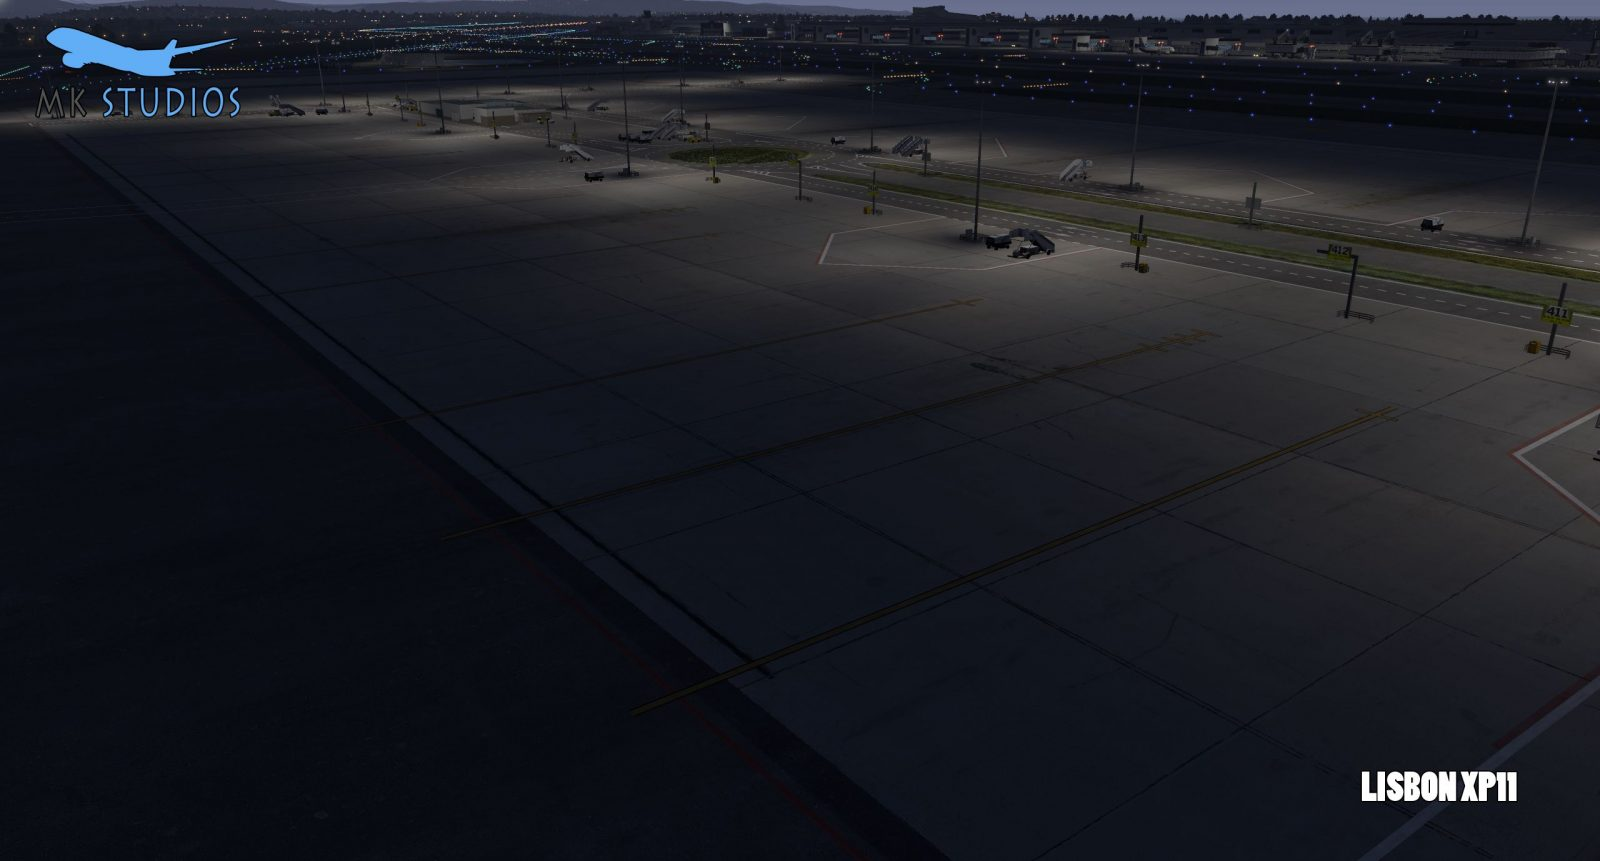 mk-studios-lisbon-xplane-11-2-1600x861.j